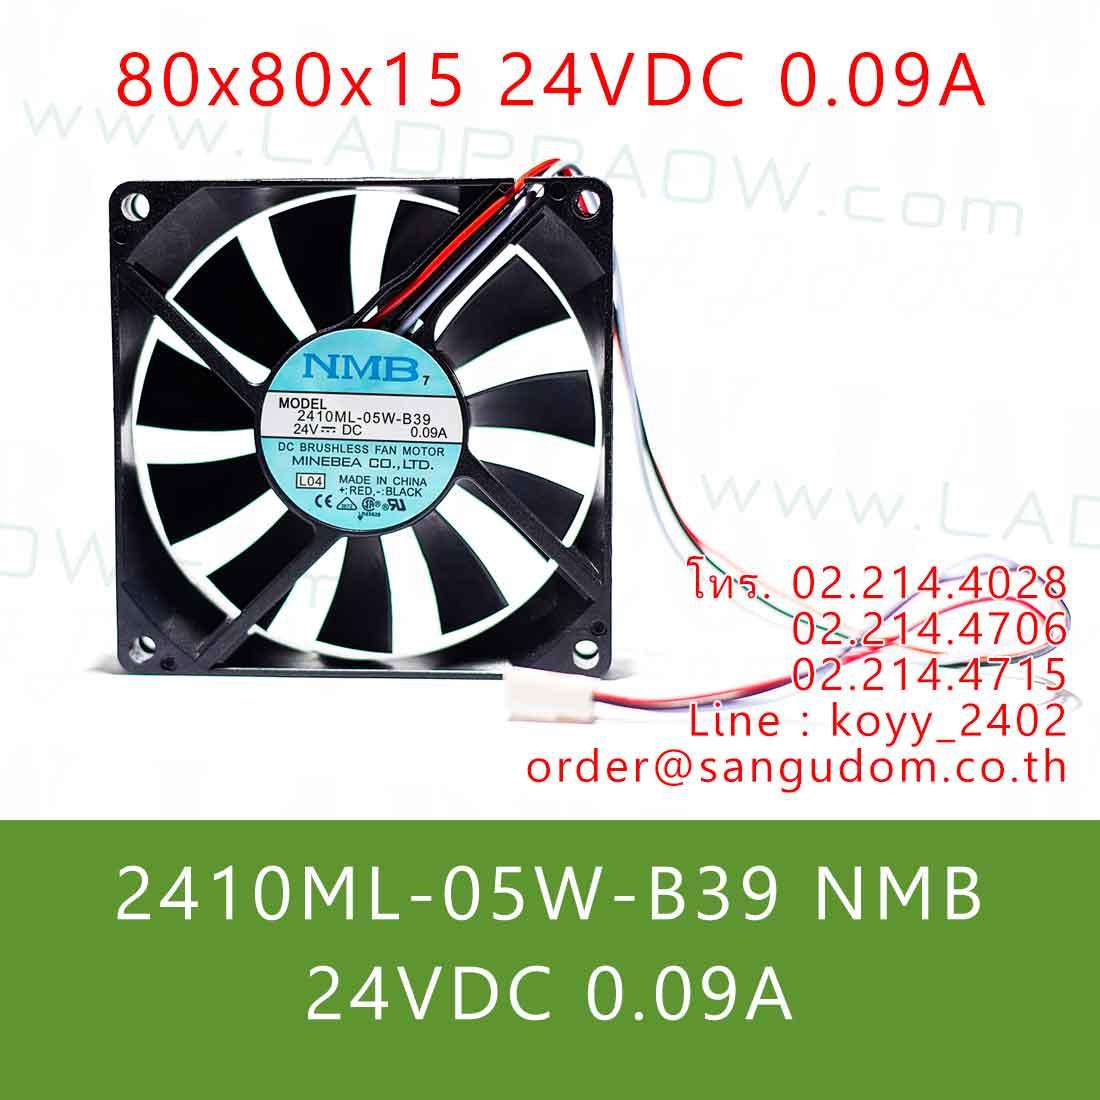 พัดลมระบายความร้อน 80x80x15mm 24VDC 0.09A NMB 2410ML-05W-B39 Cooling fan